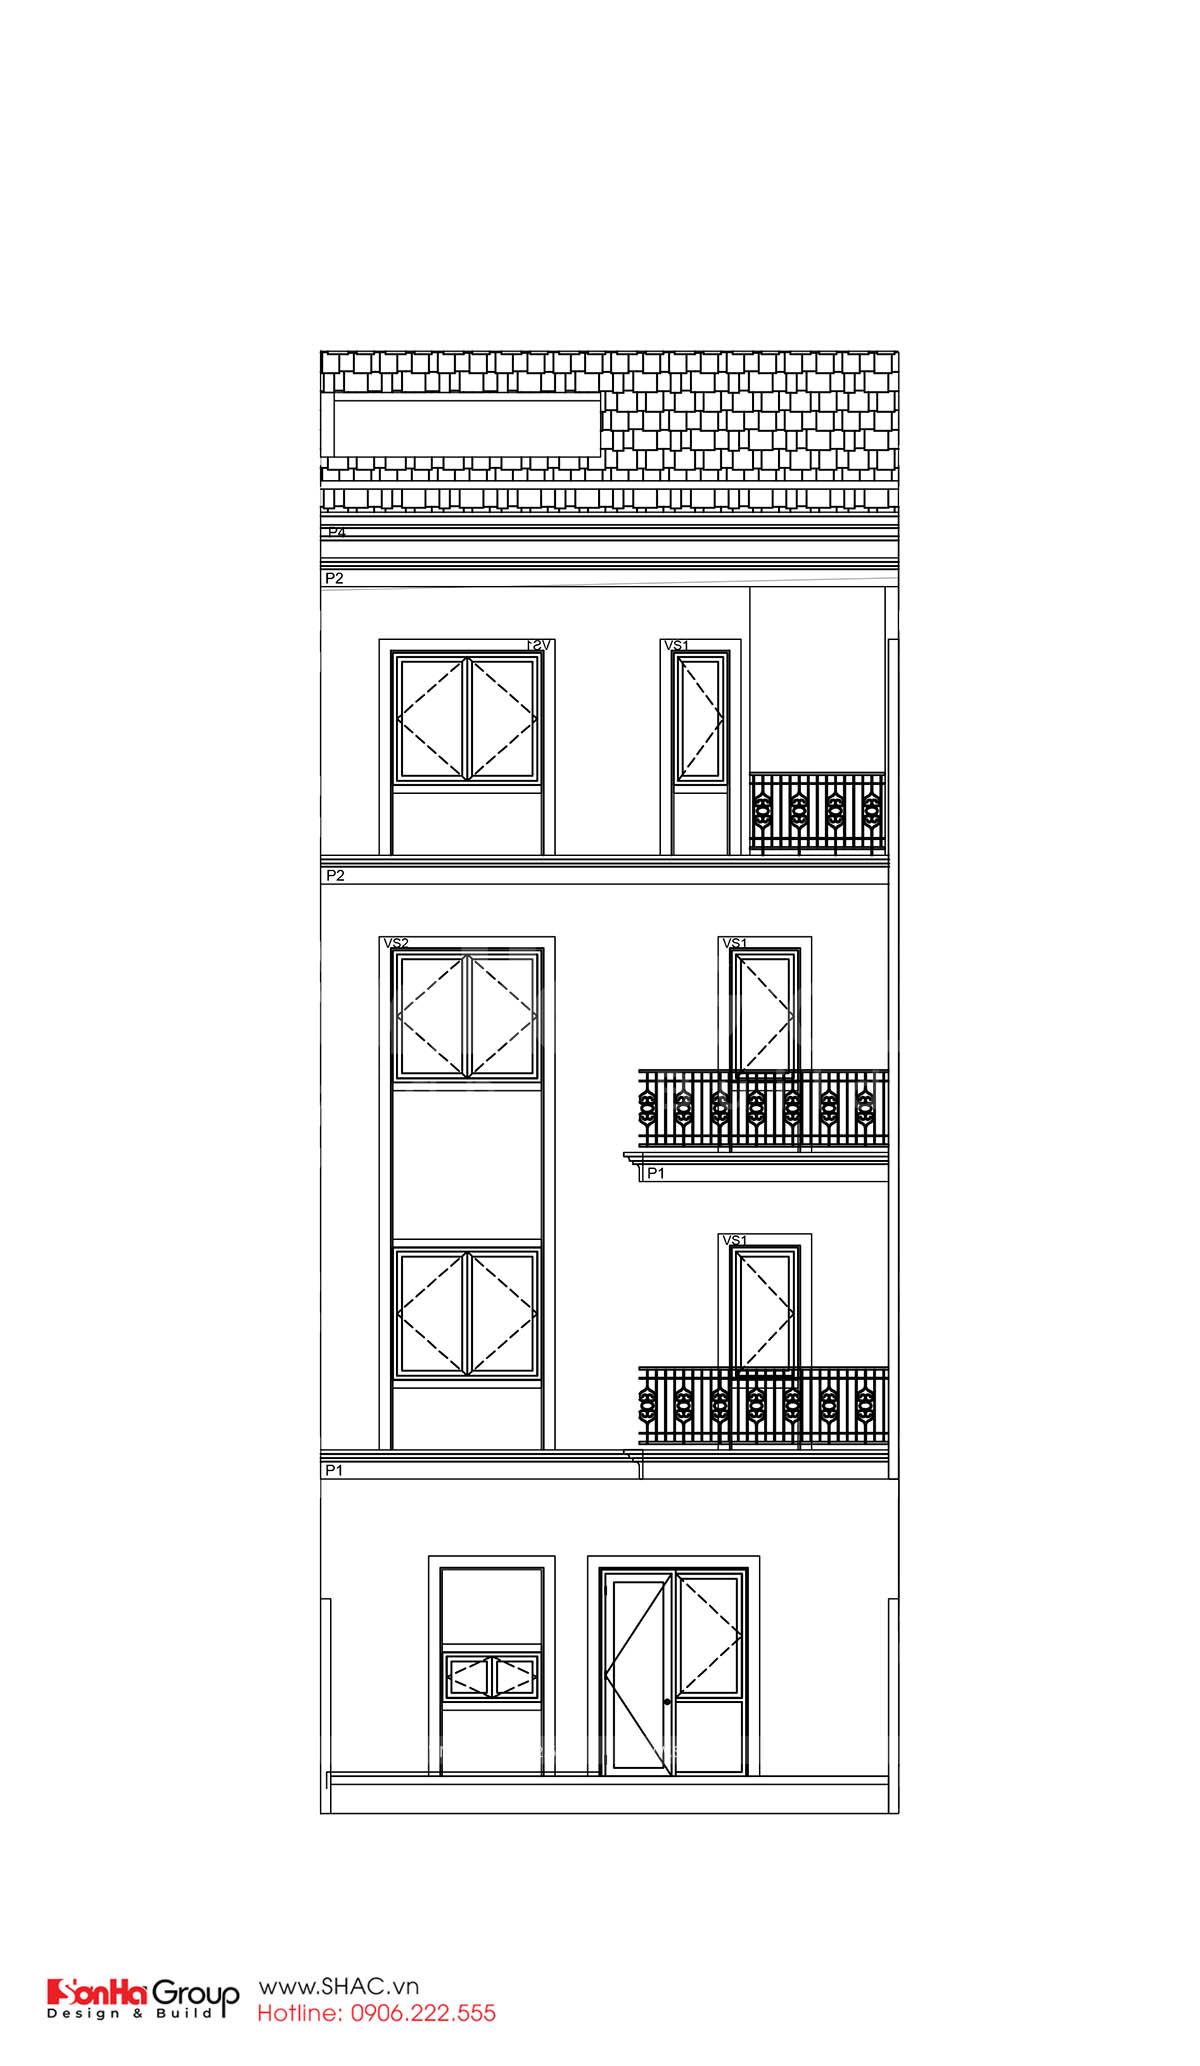 Mặt đứng trục thiết kế nhà phố sang trọng tại Hải Phòng